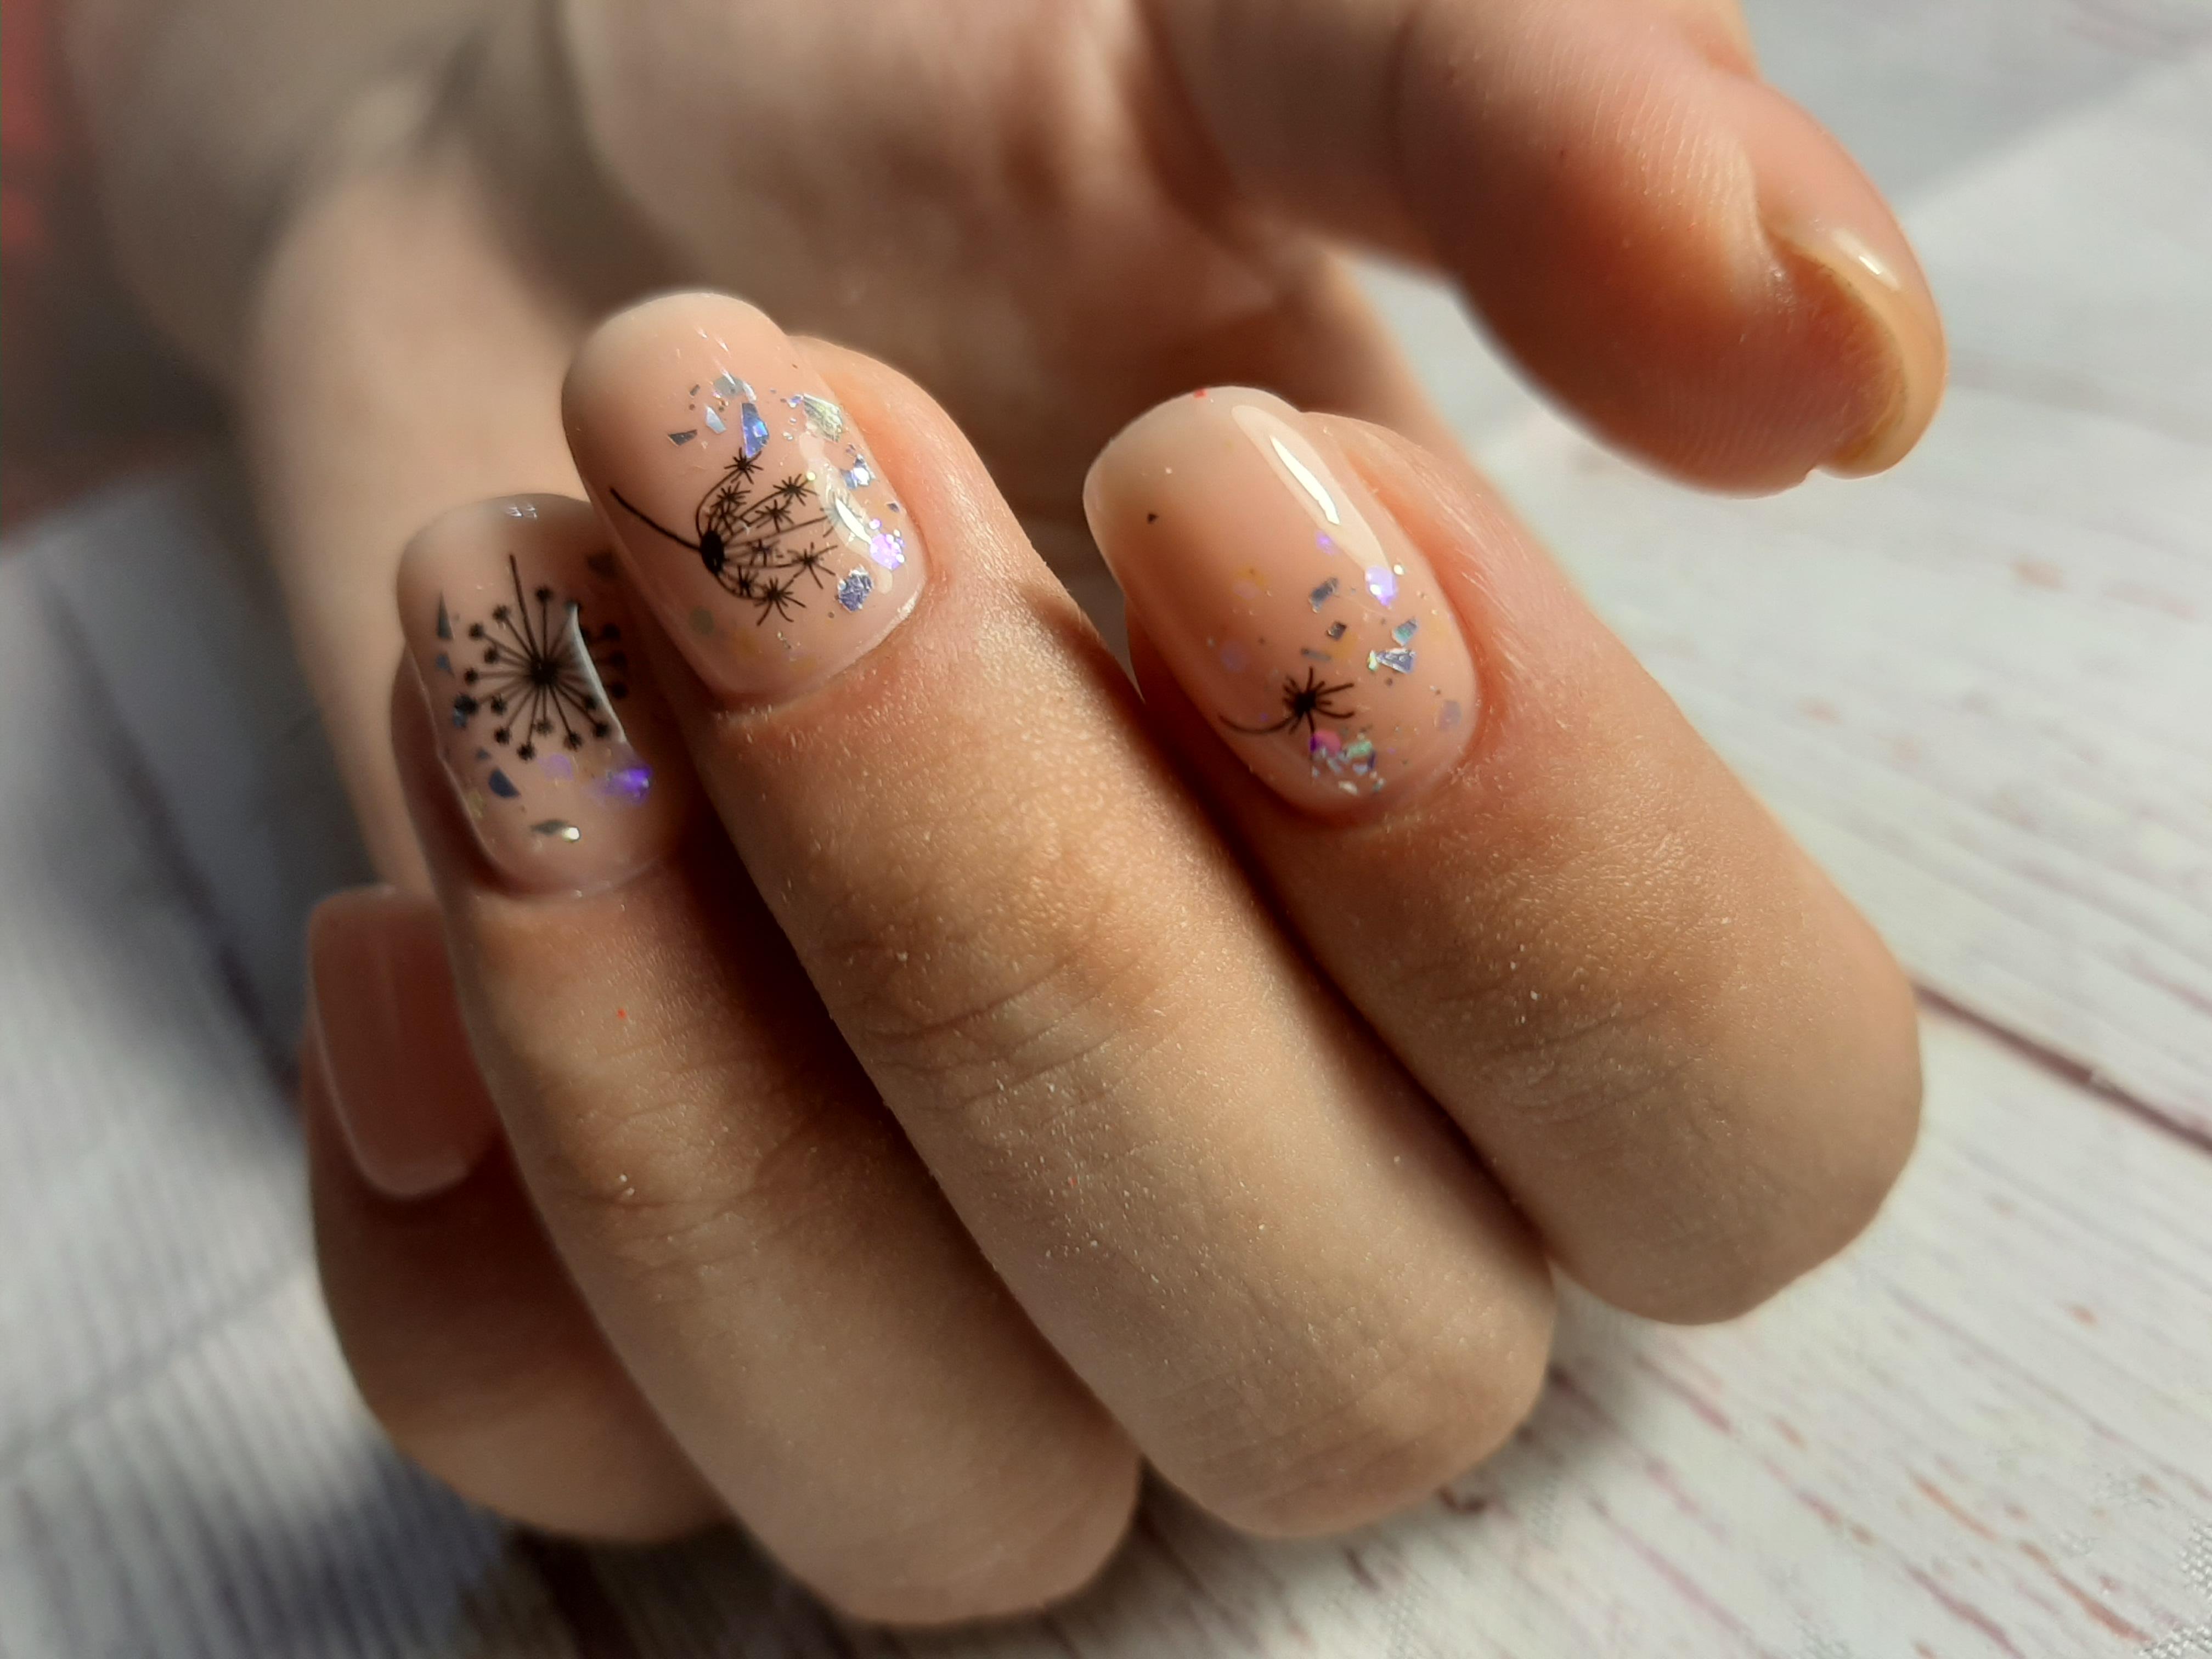 Нюдовый маникюр с одуванчиком и серебряной фольгой на короткие ногти.